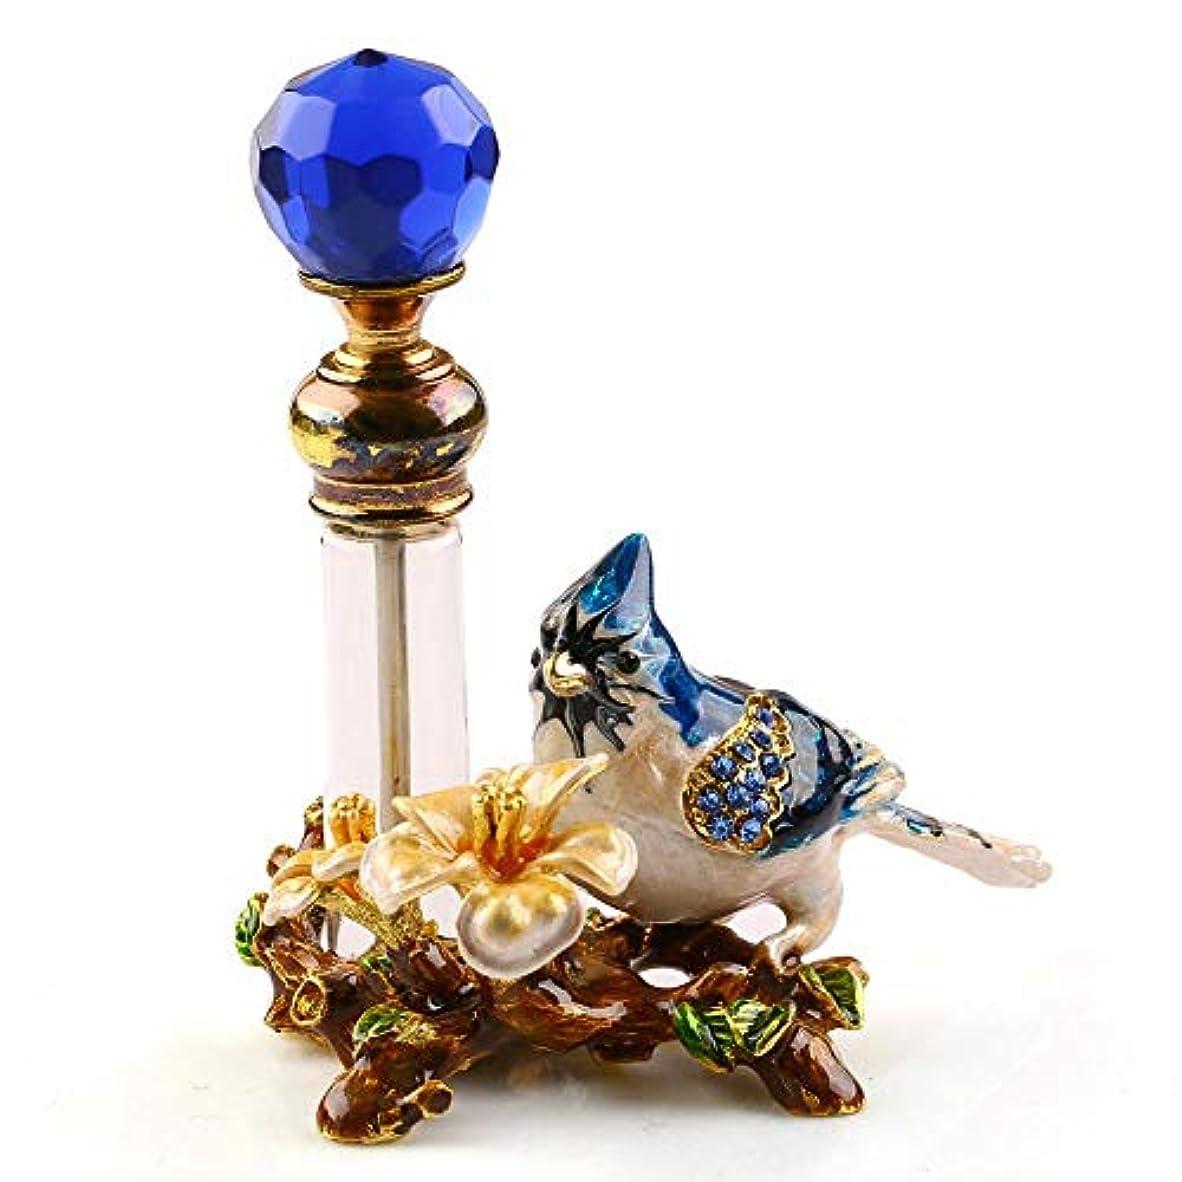 出費メッシュウルルVERY100 高品質 美しい香水瓶 4ML アロマボトル 綺麗アンティーク風 鳥と花 詰替用ボトル 空き プレゼント 結婚式 飾り